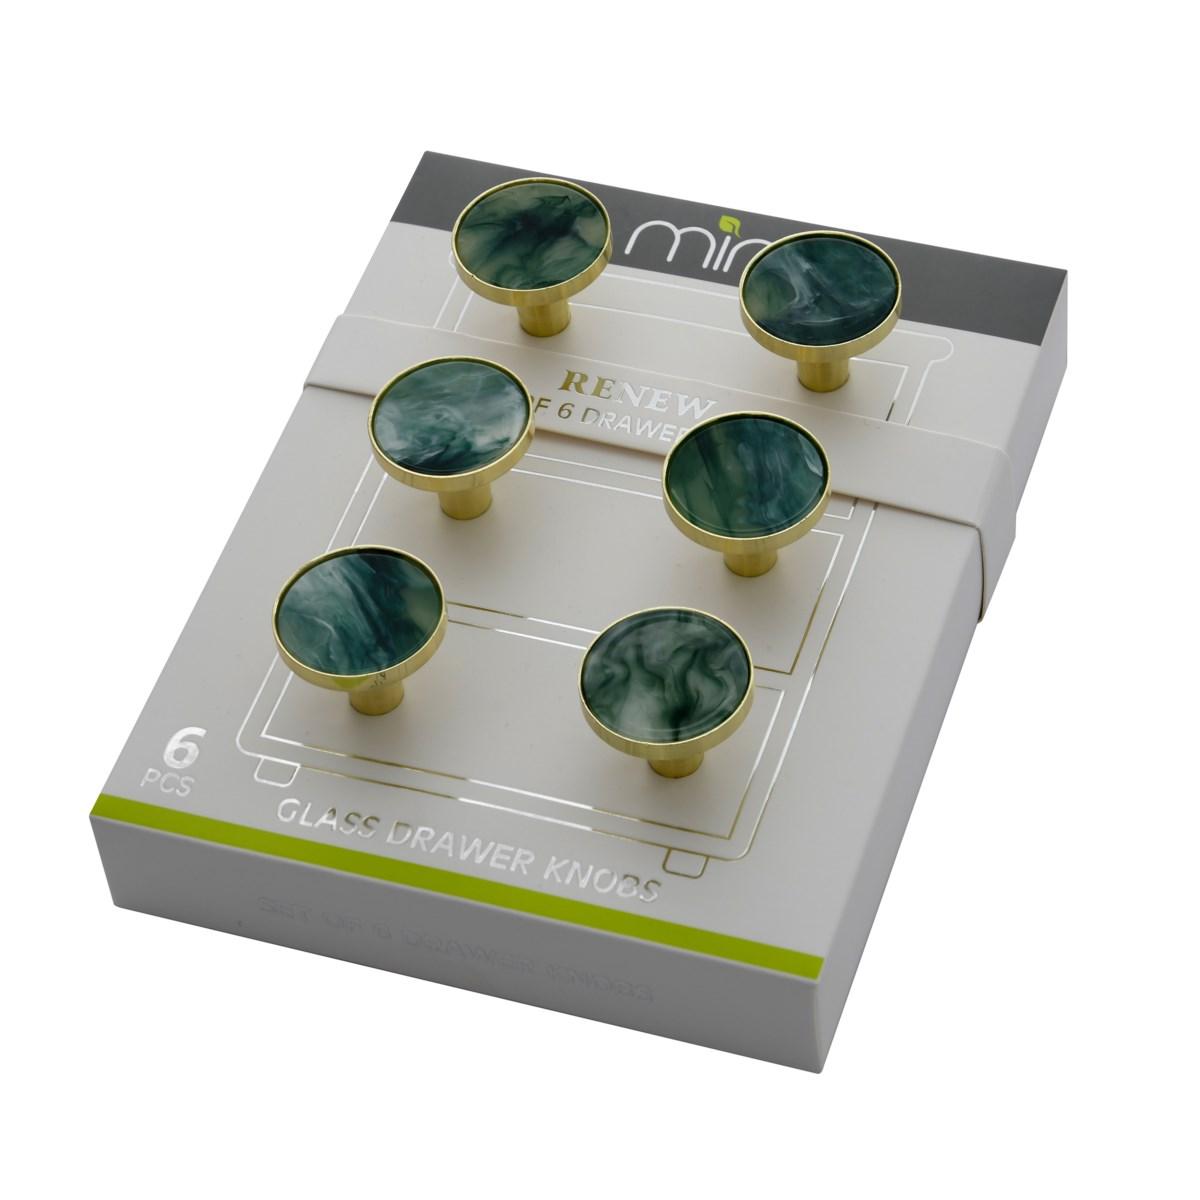 6PC Jade Marble 30MM Knob Pull Handles (12 set)